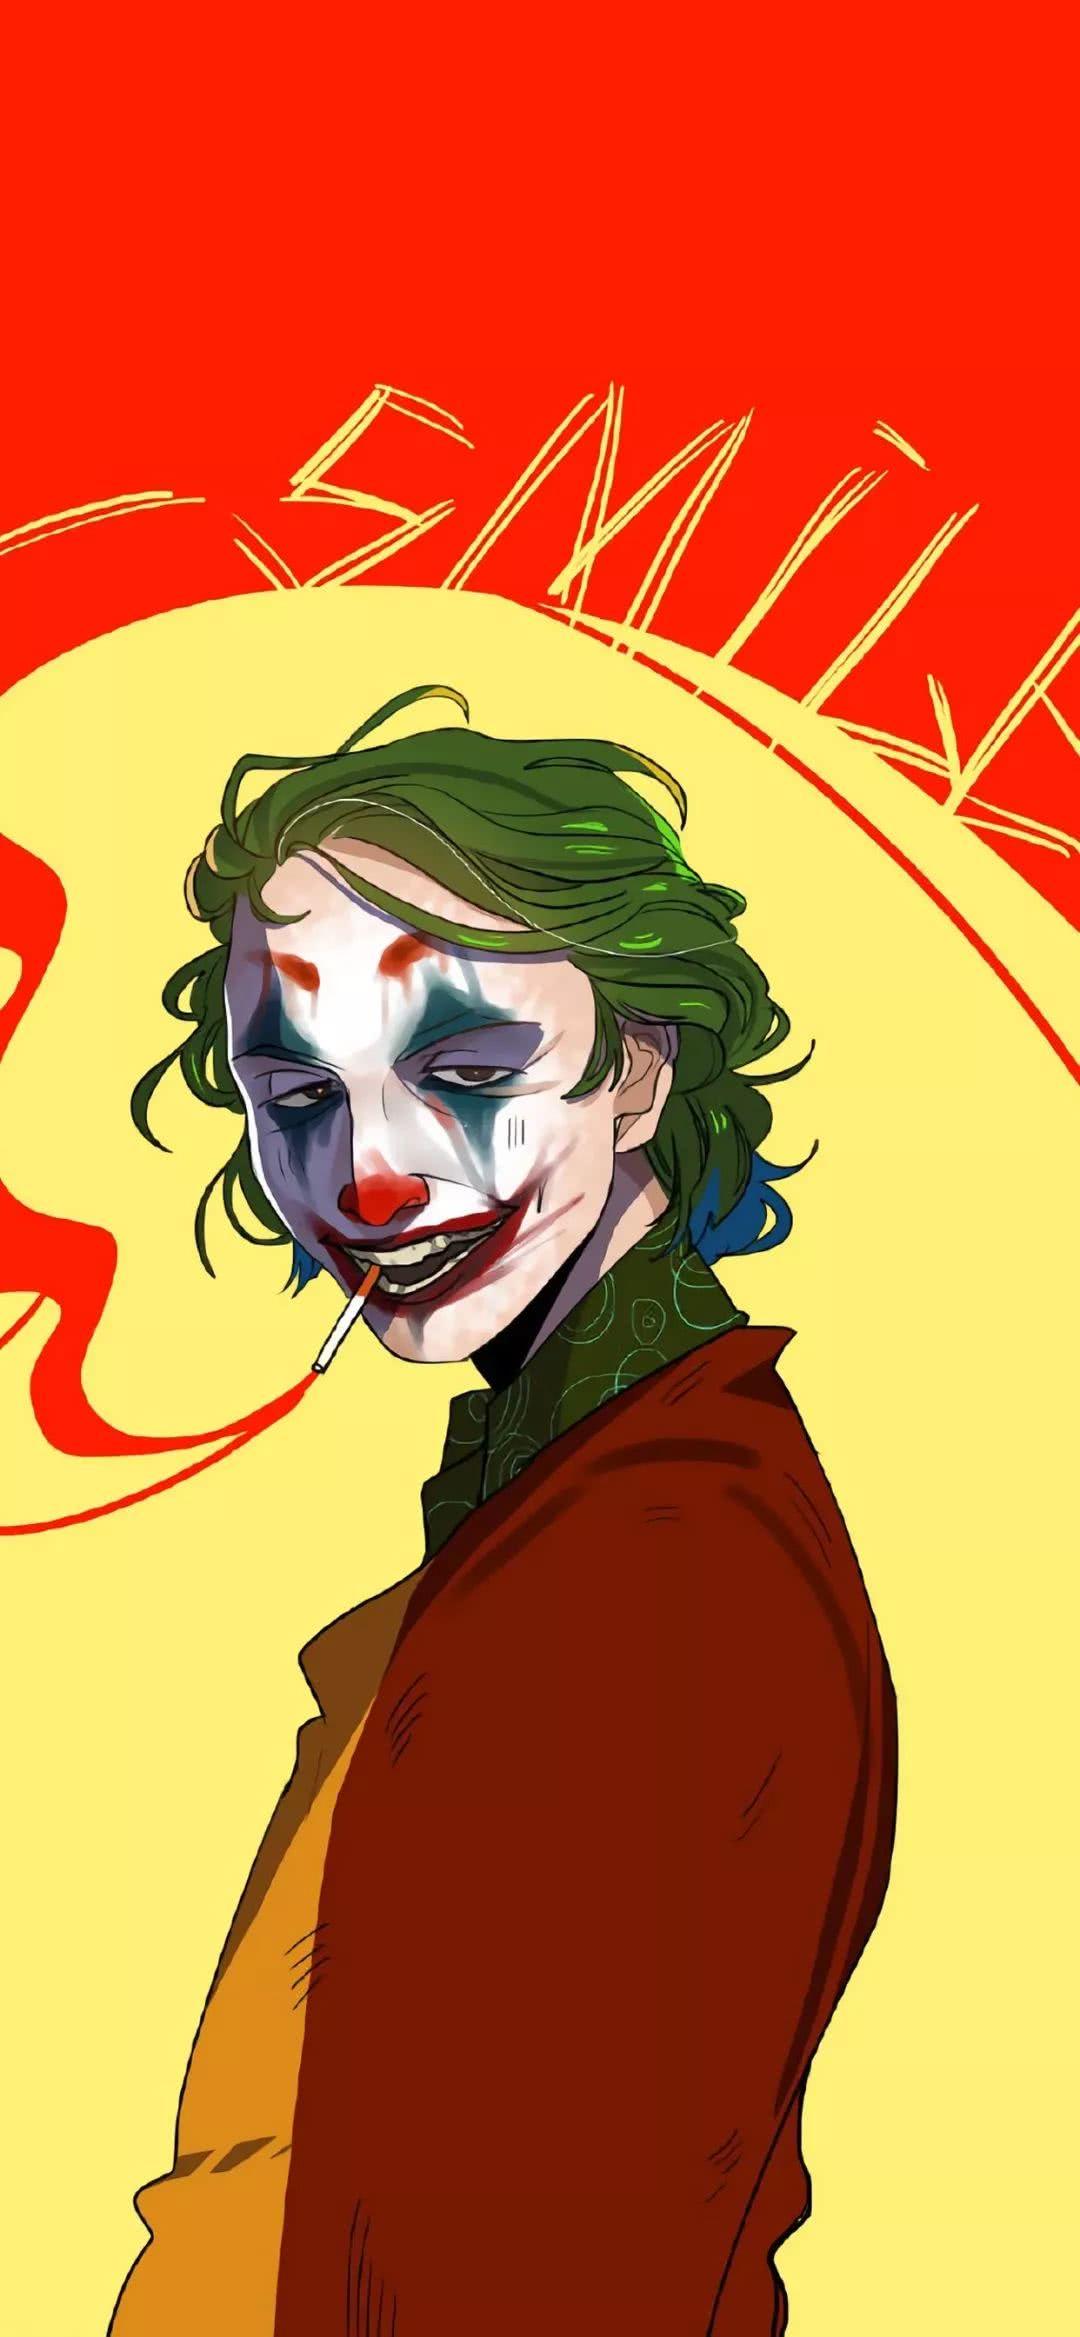 【图片】小丑壁纸,acg茂南系列